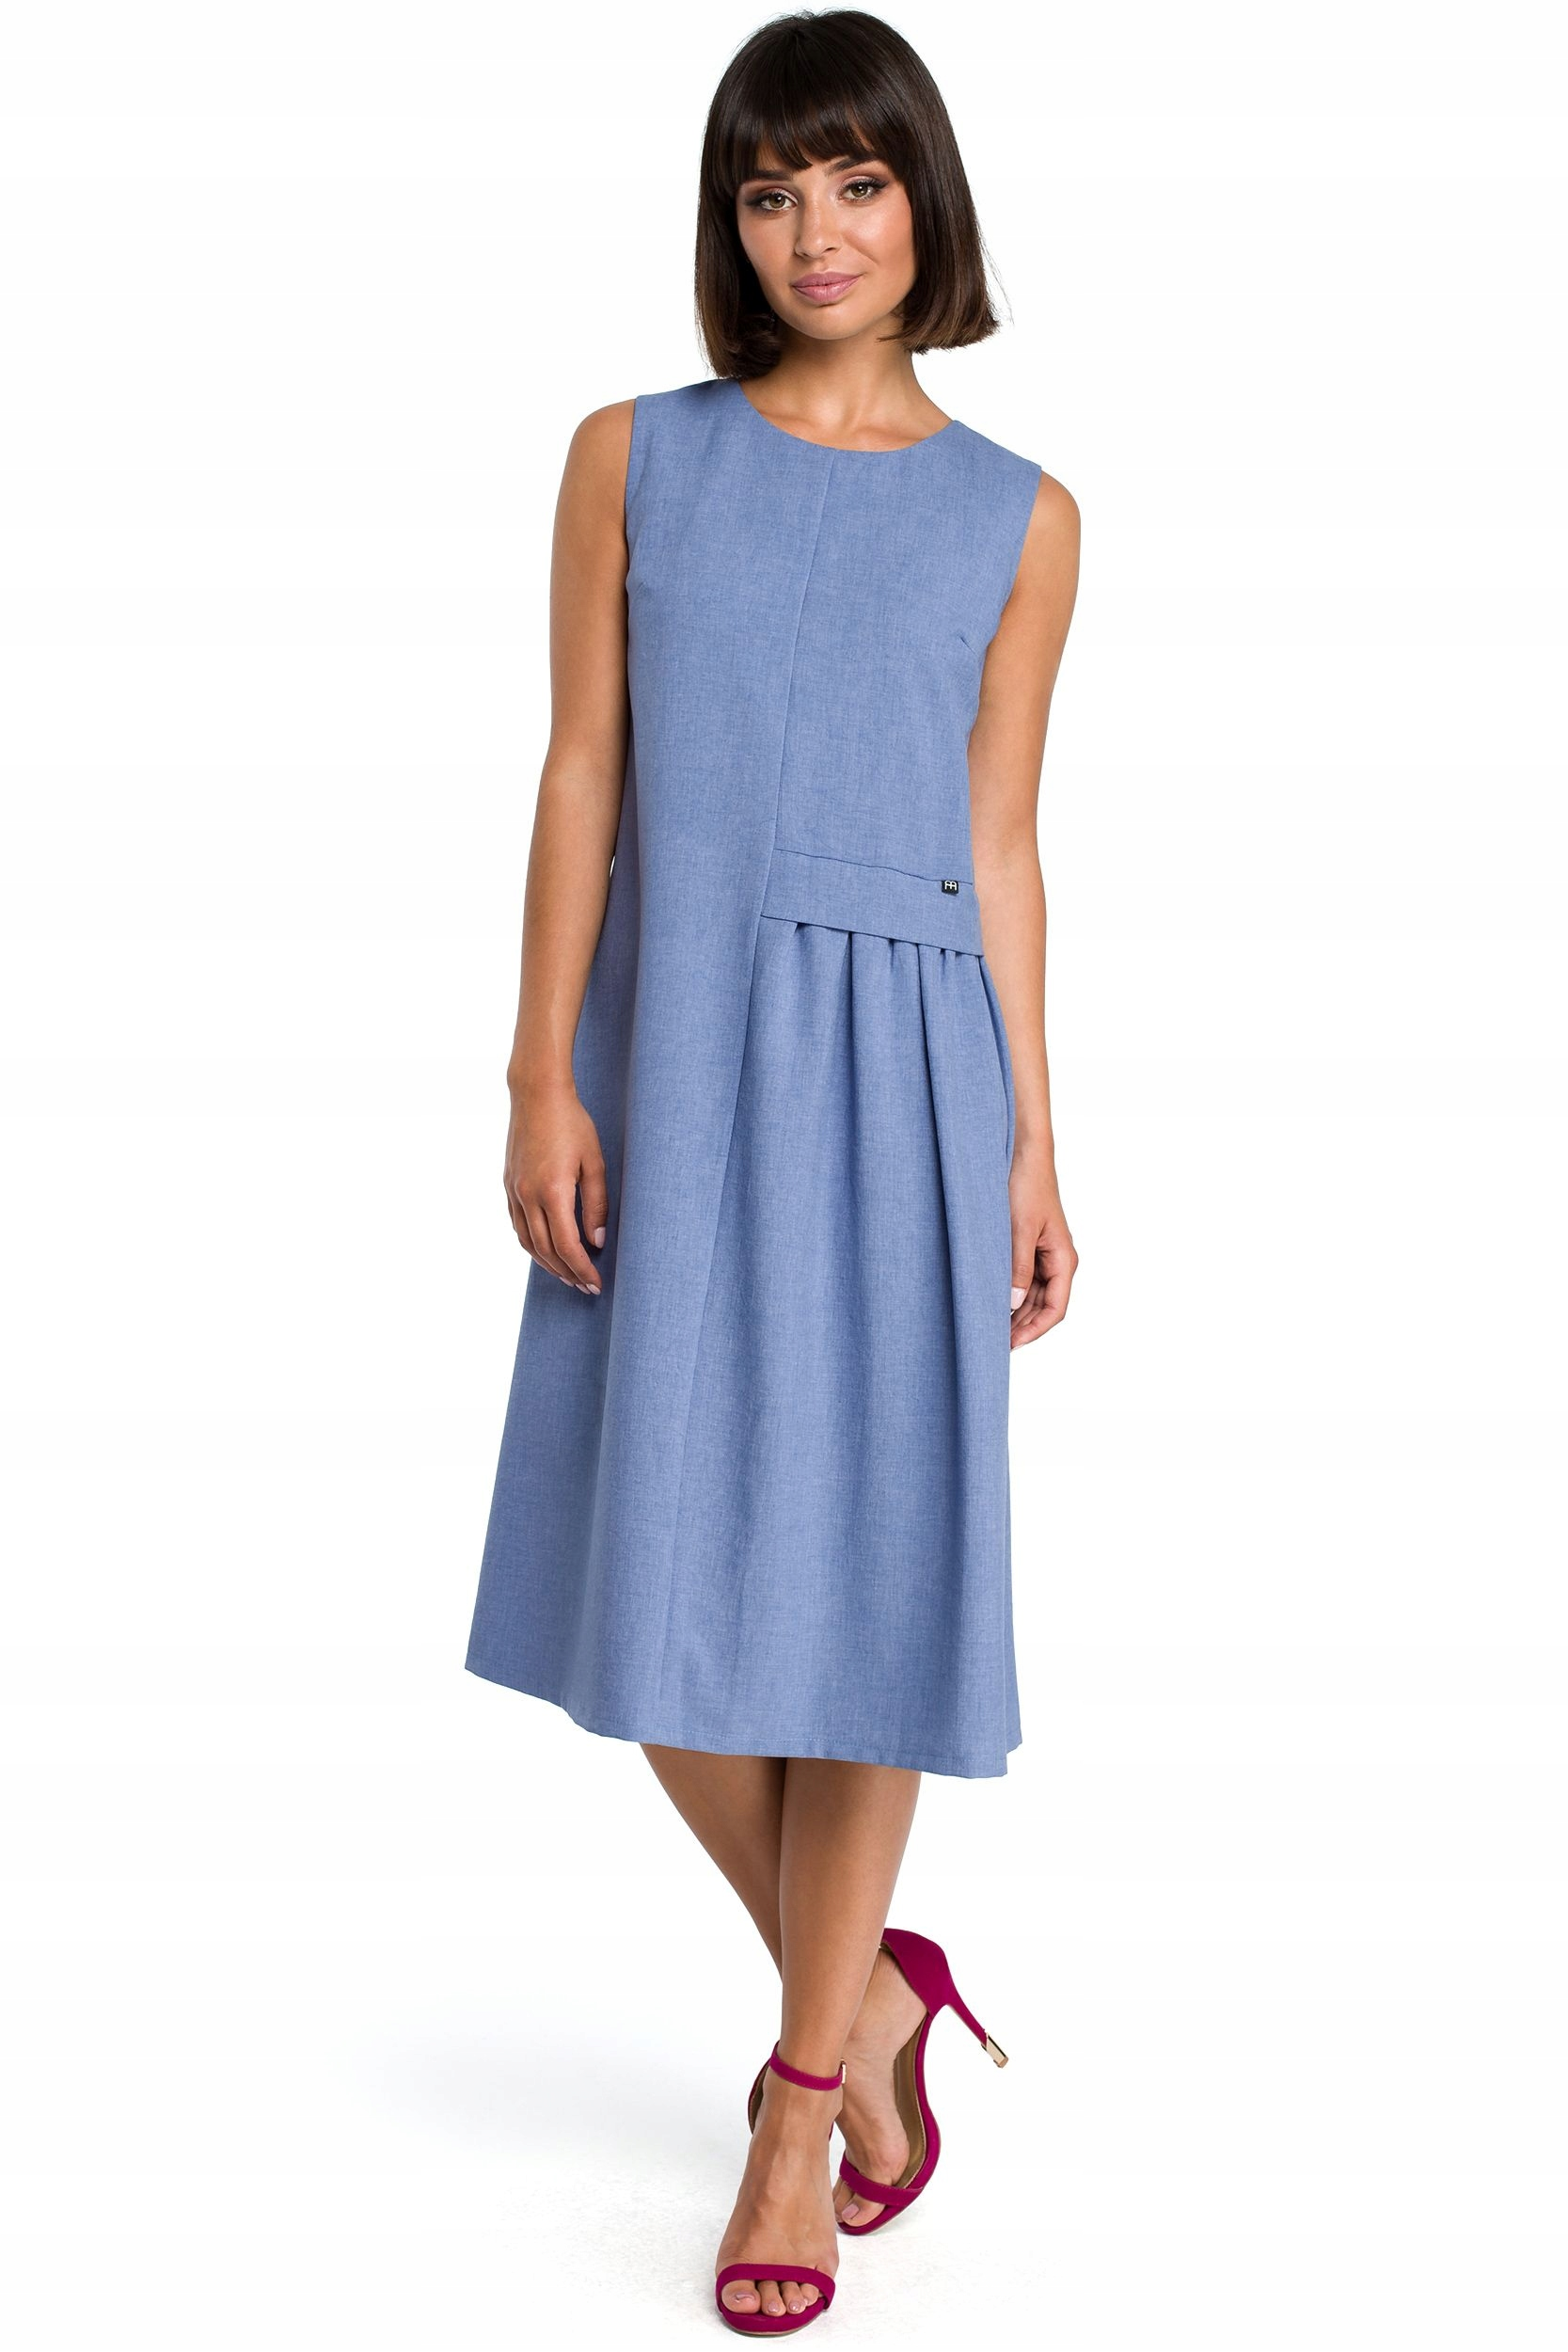 B080 Zwiewna sukienka midi bez rękawów - niebieska